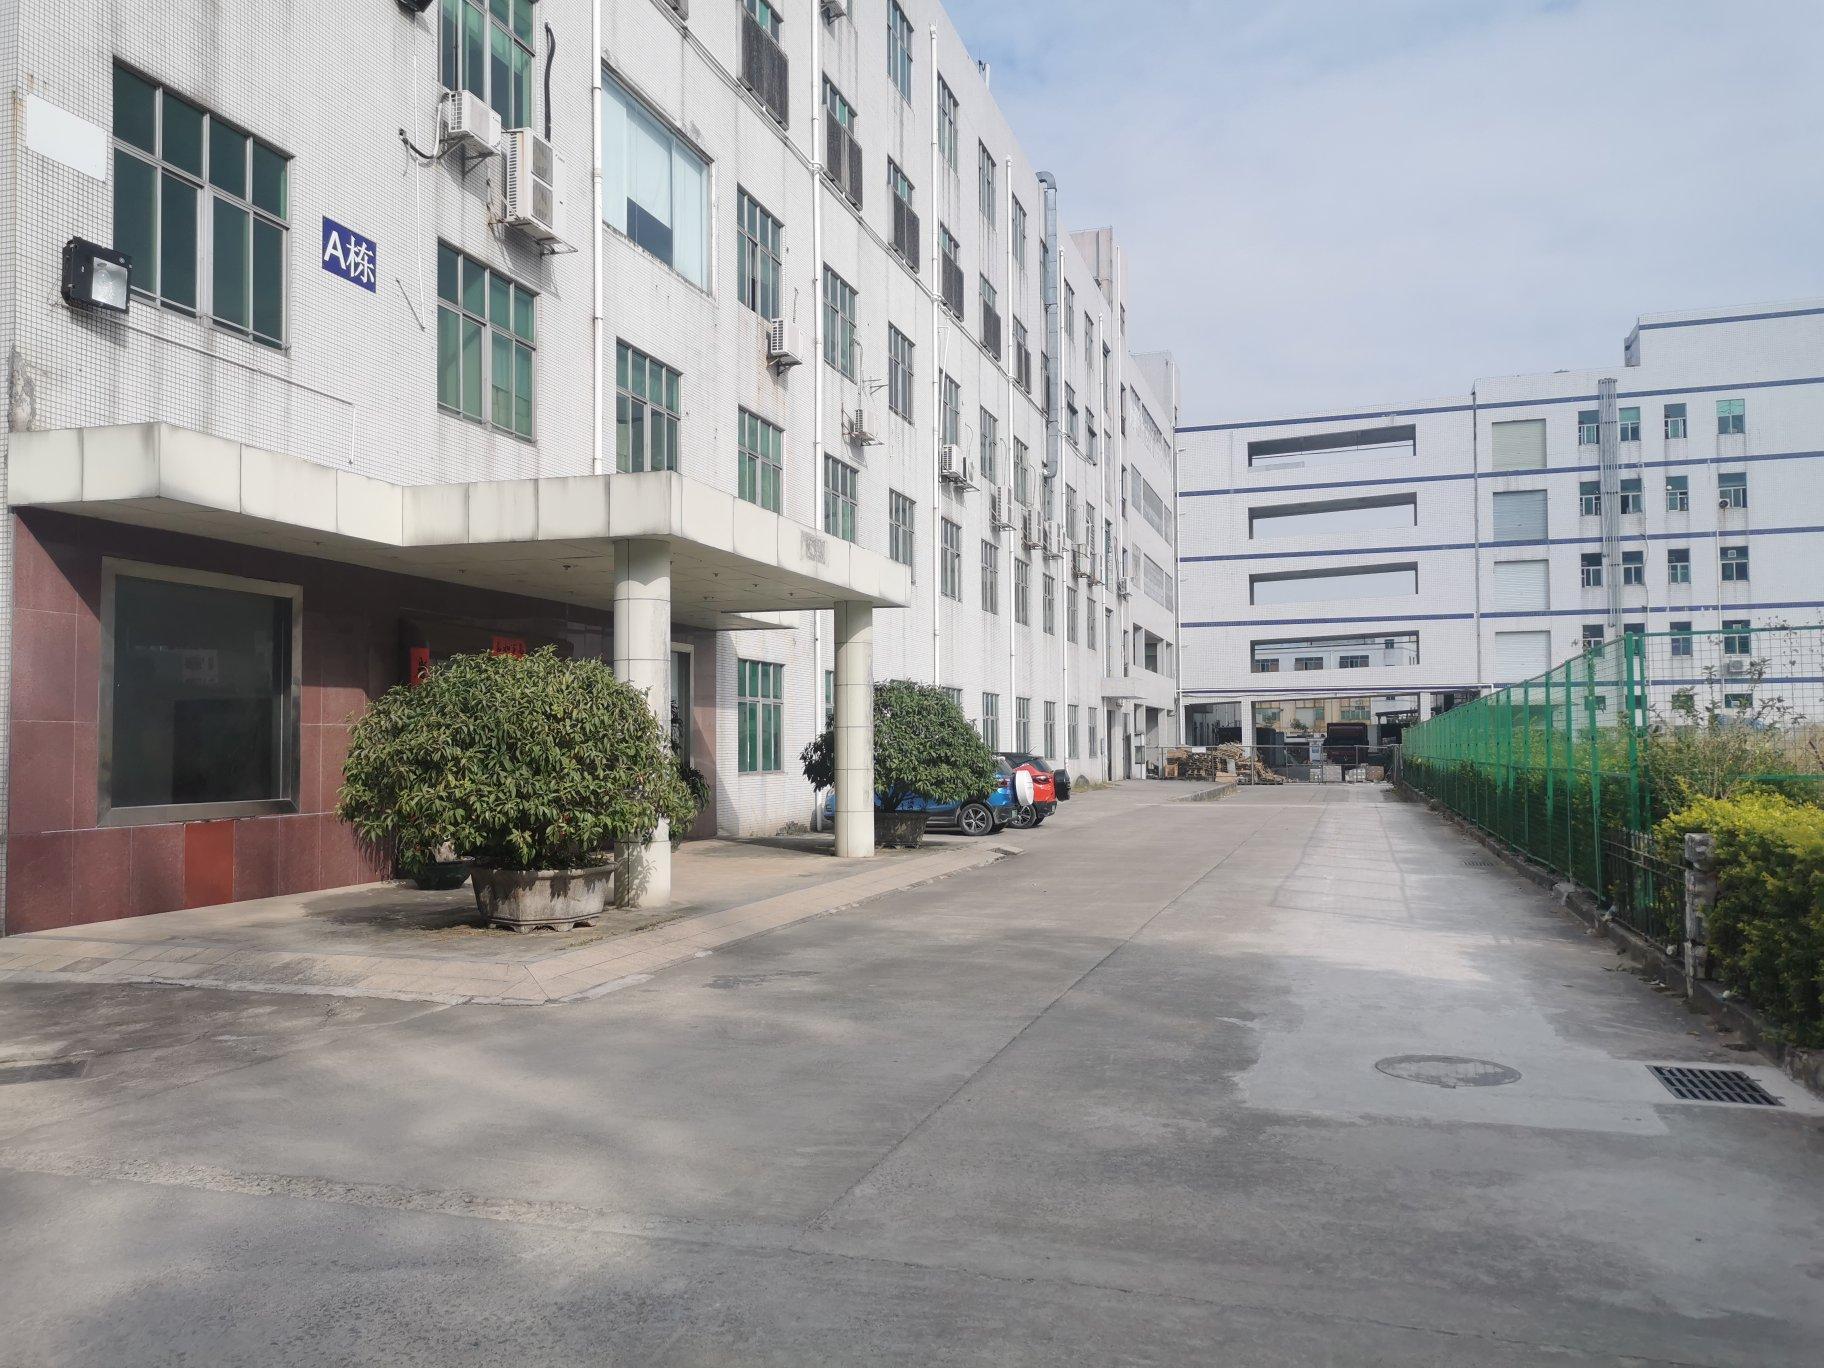 横岗六约新出带卸货平台1楼厂房2400平层高5.5米低价出租